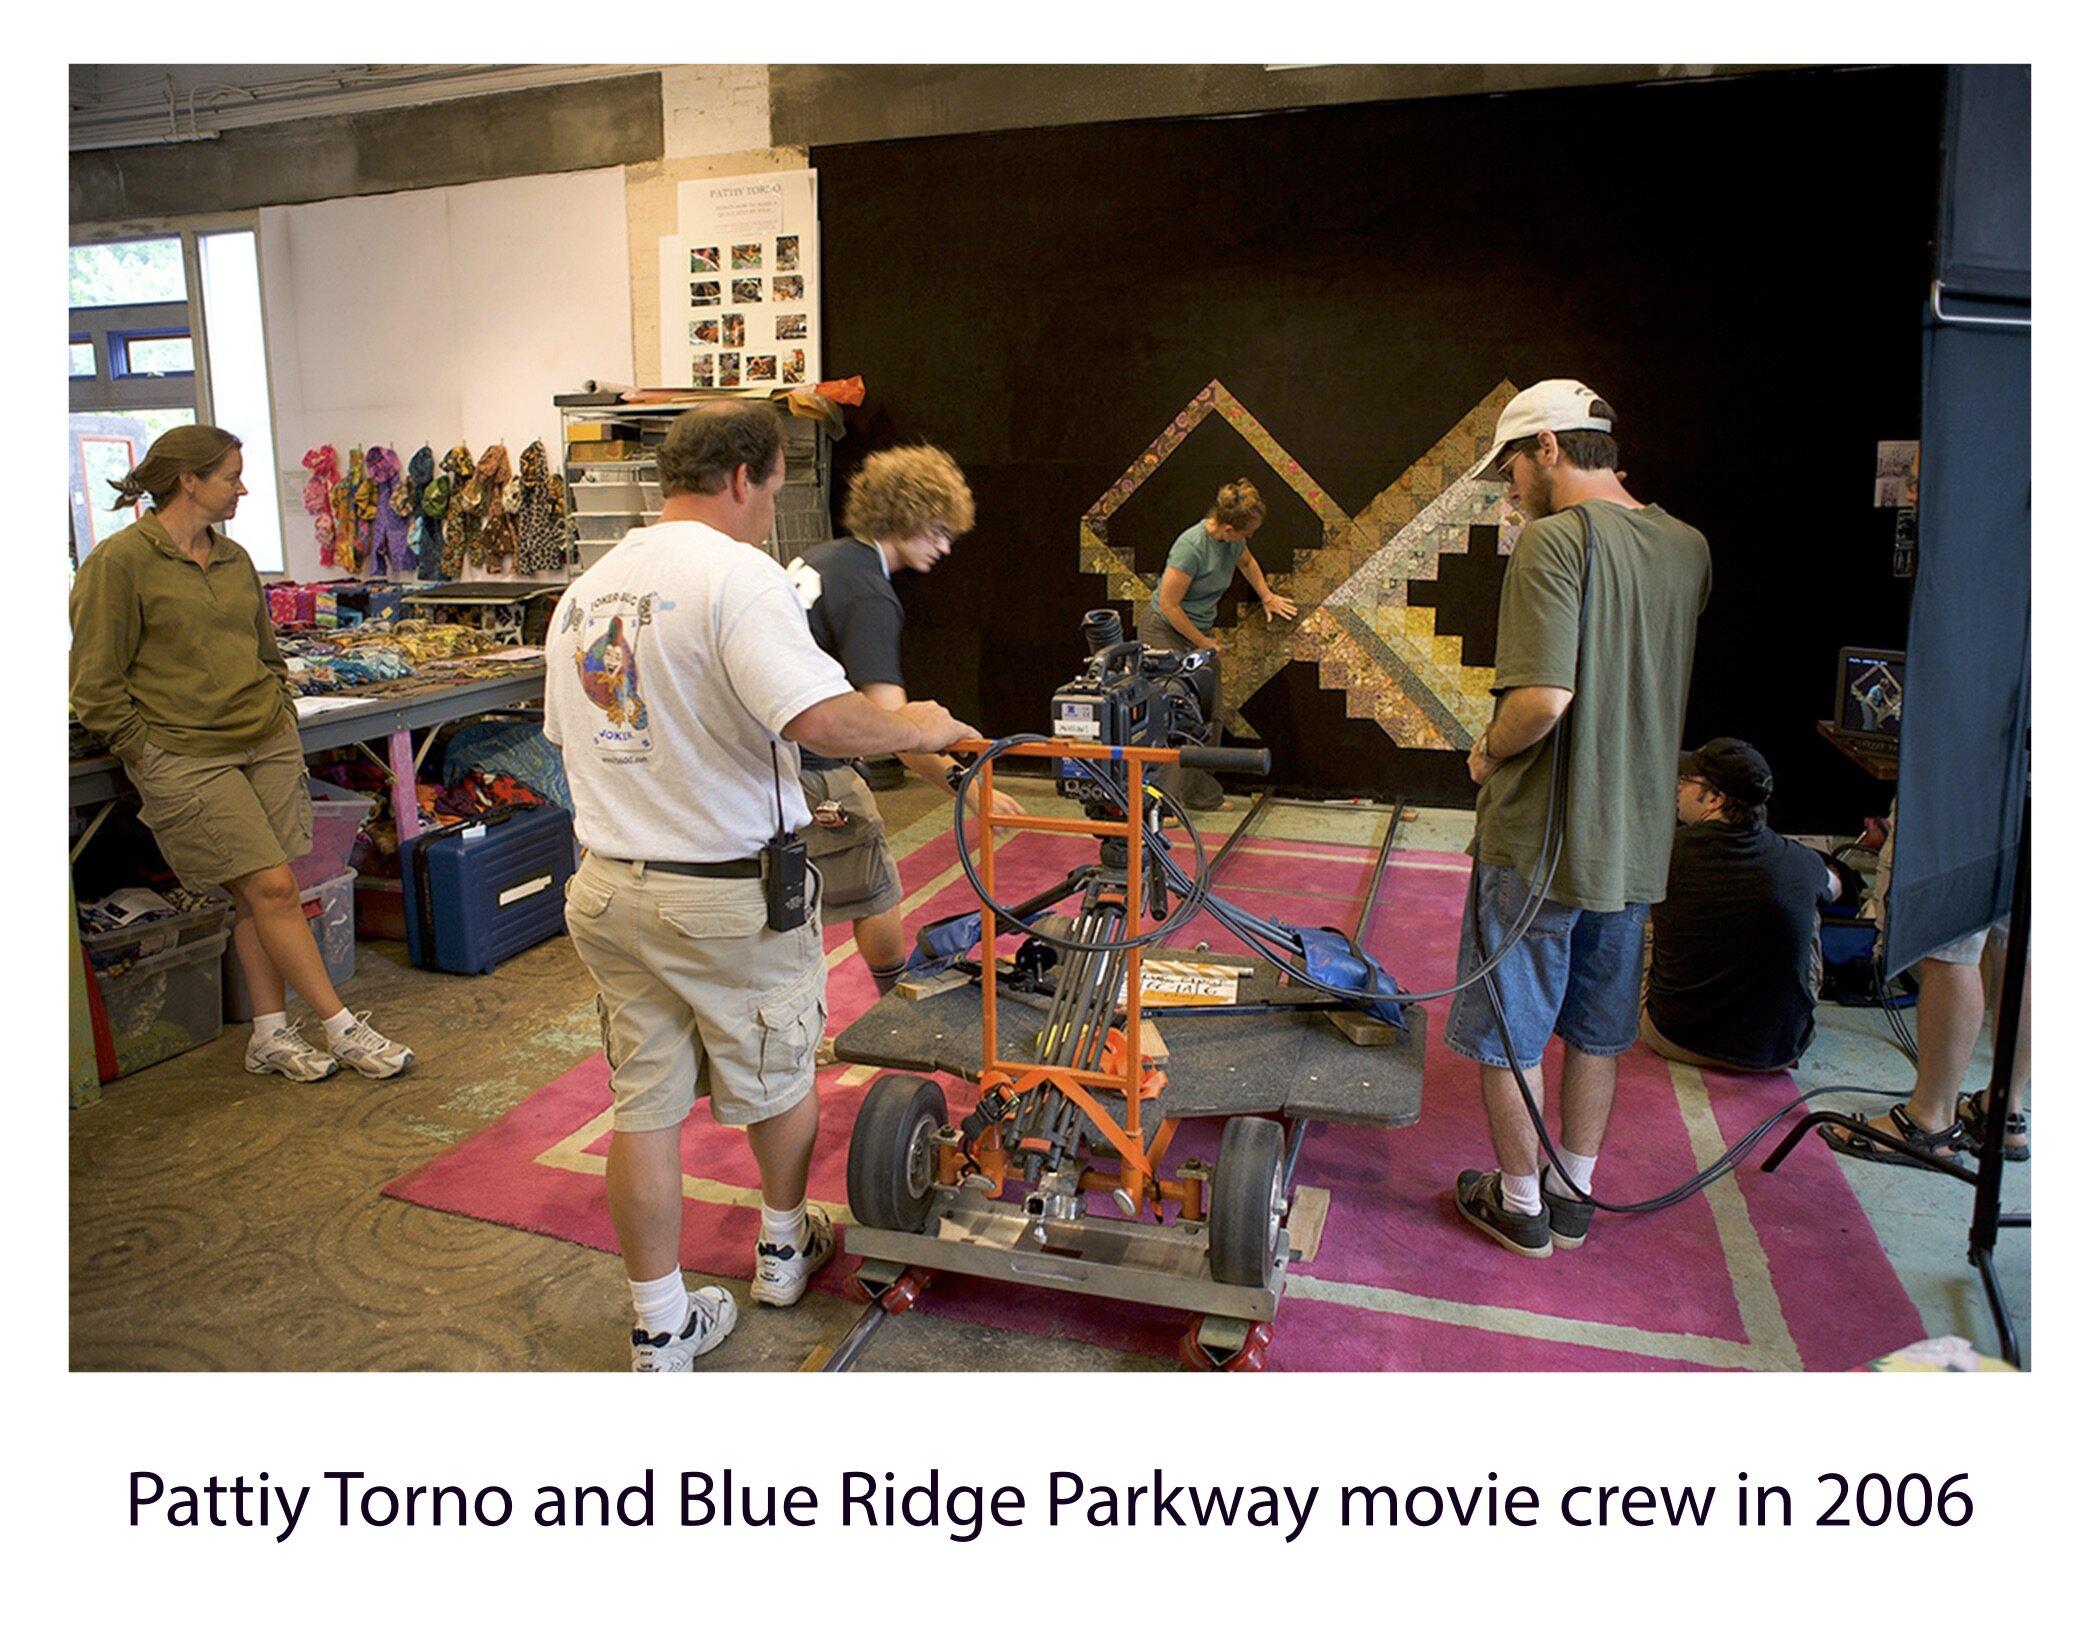 pattiy and blue ridge parkway movie crew 2006.jpg